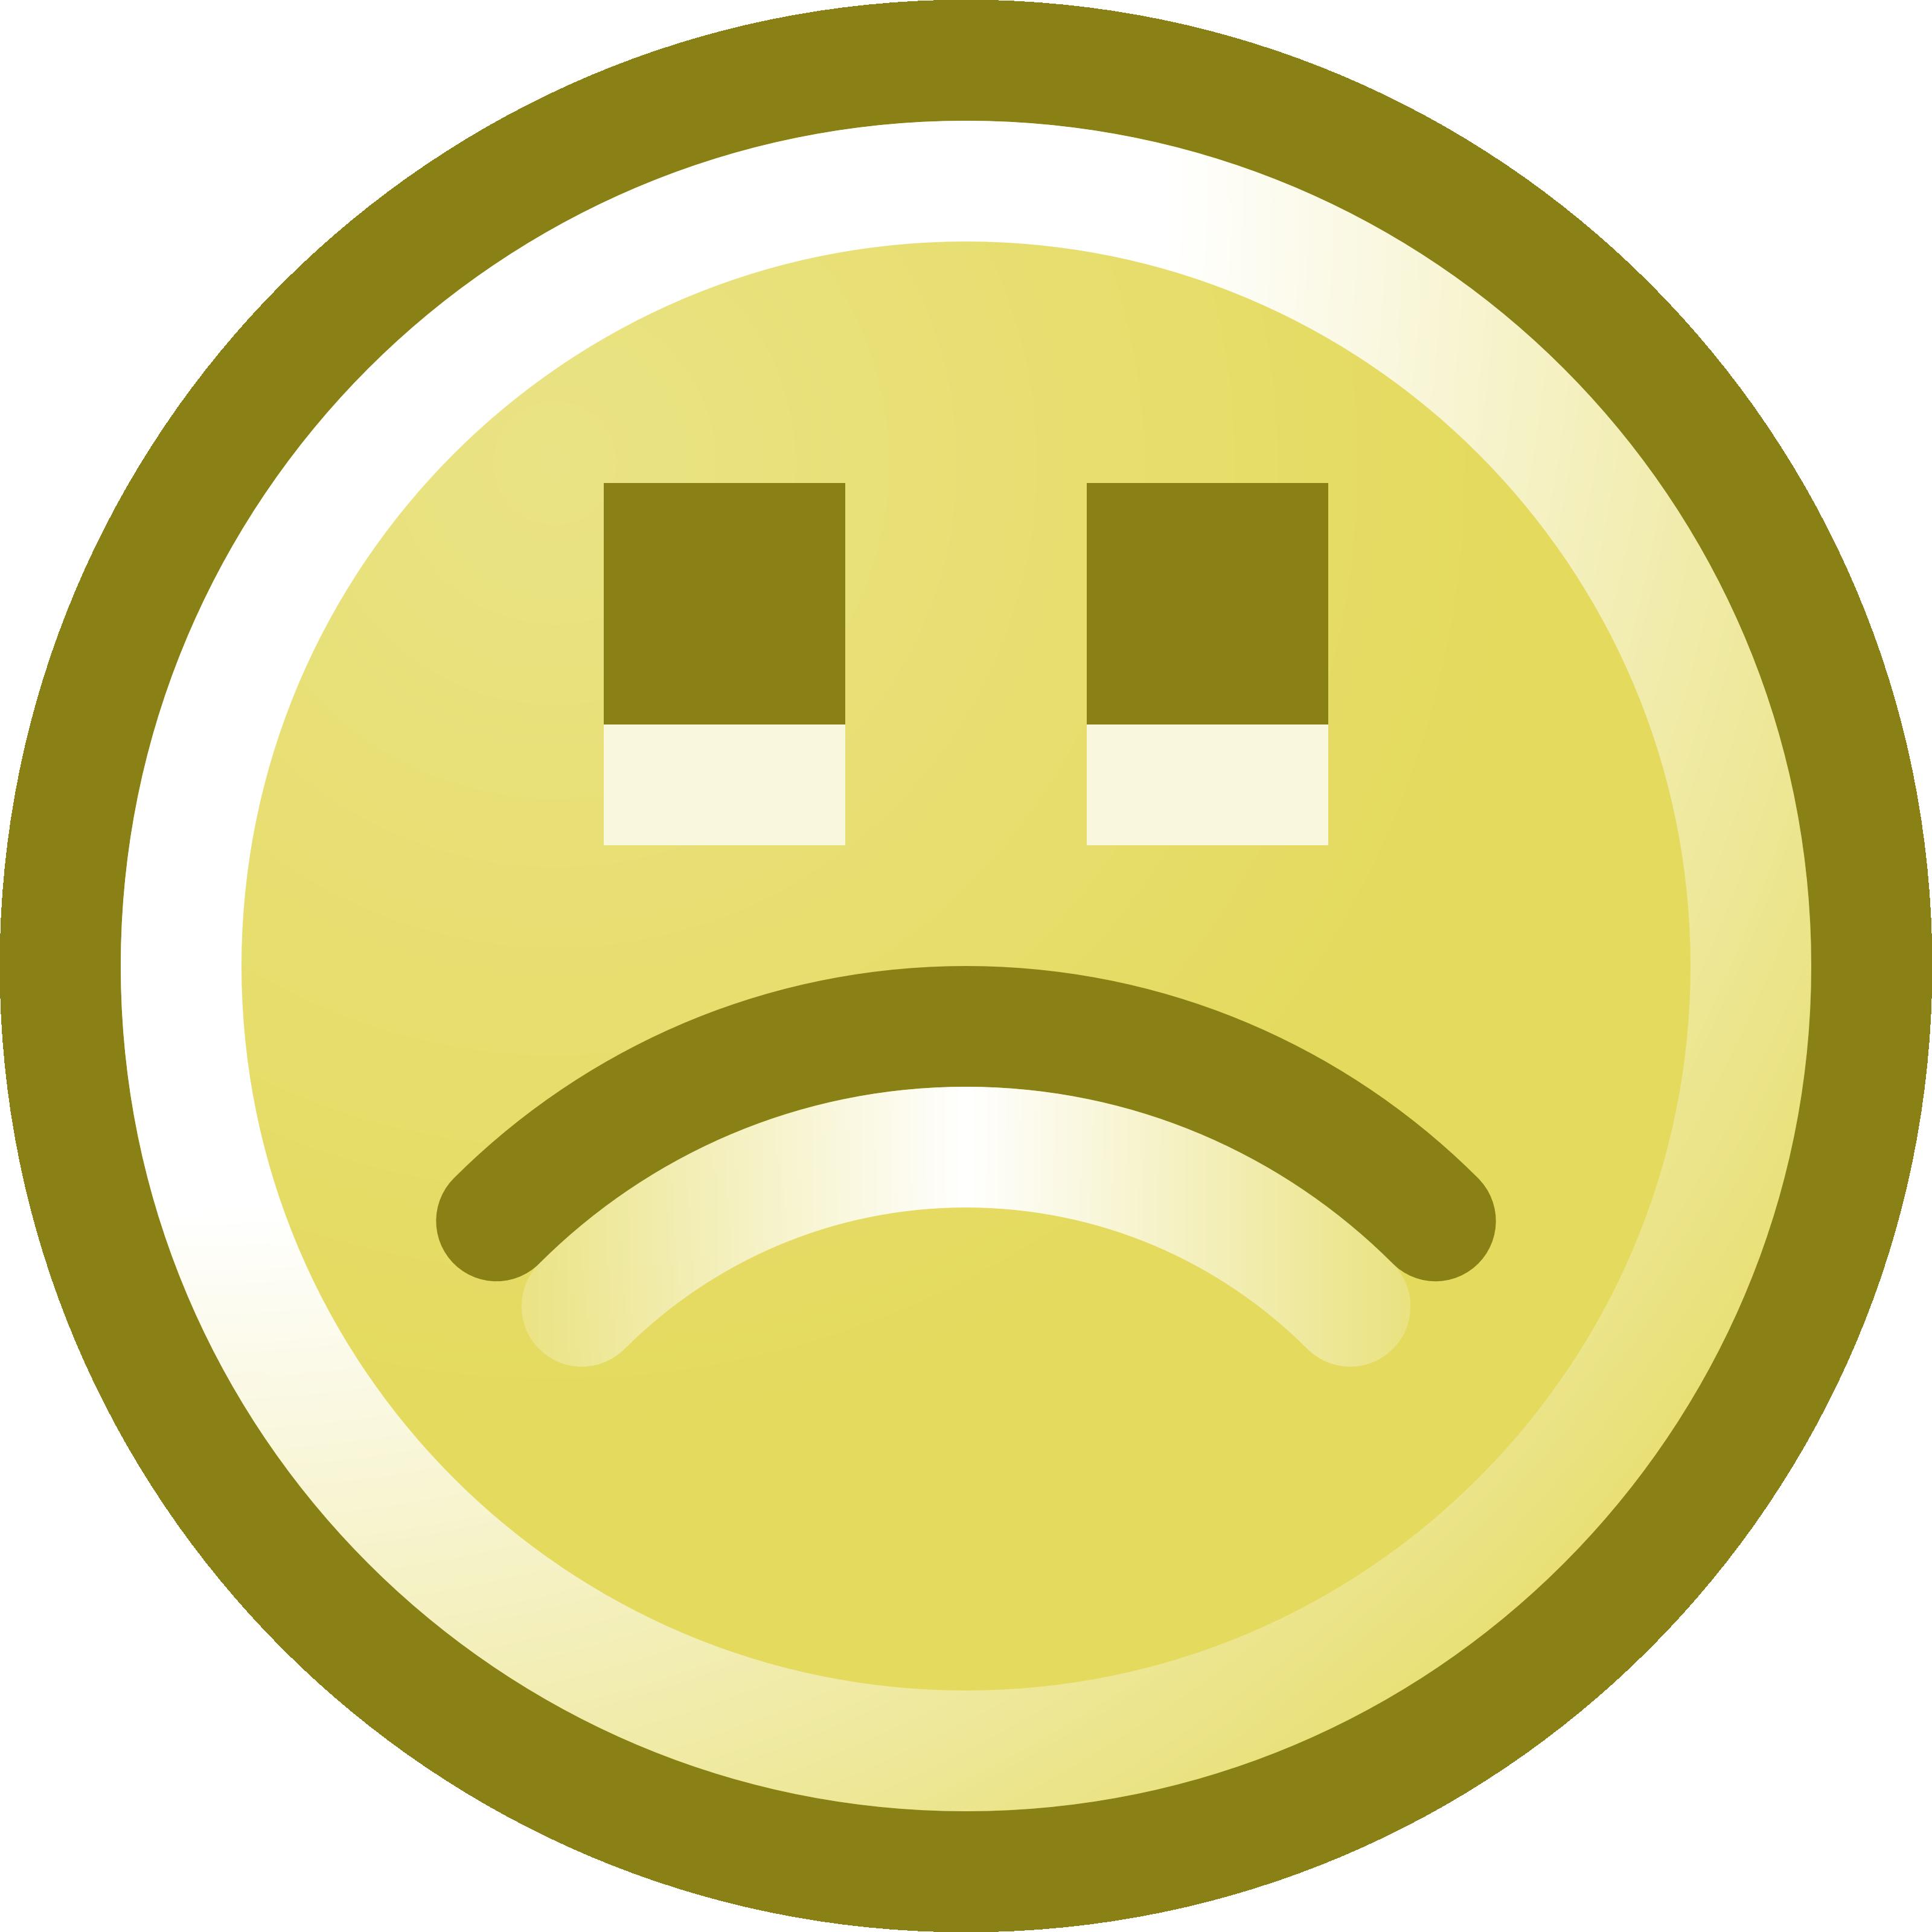 3200x3200 Unhappy Smiley Face Clip Art, Free Unhappy Smiley Face Clip Art